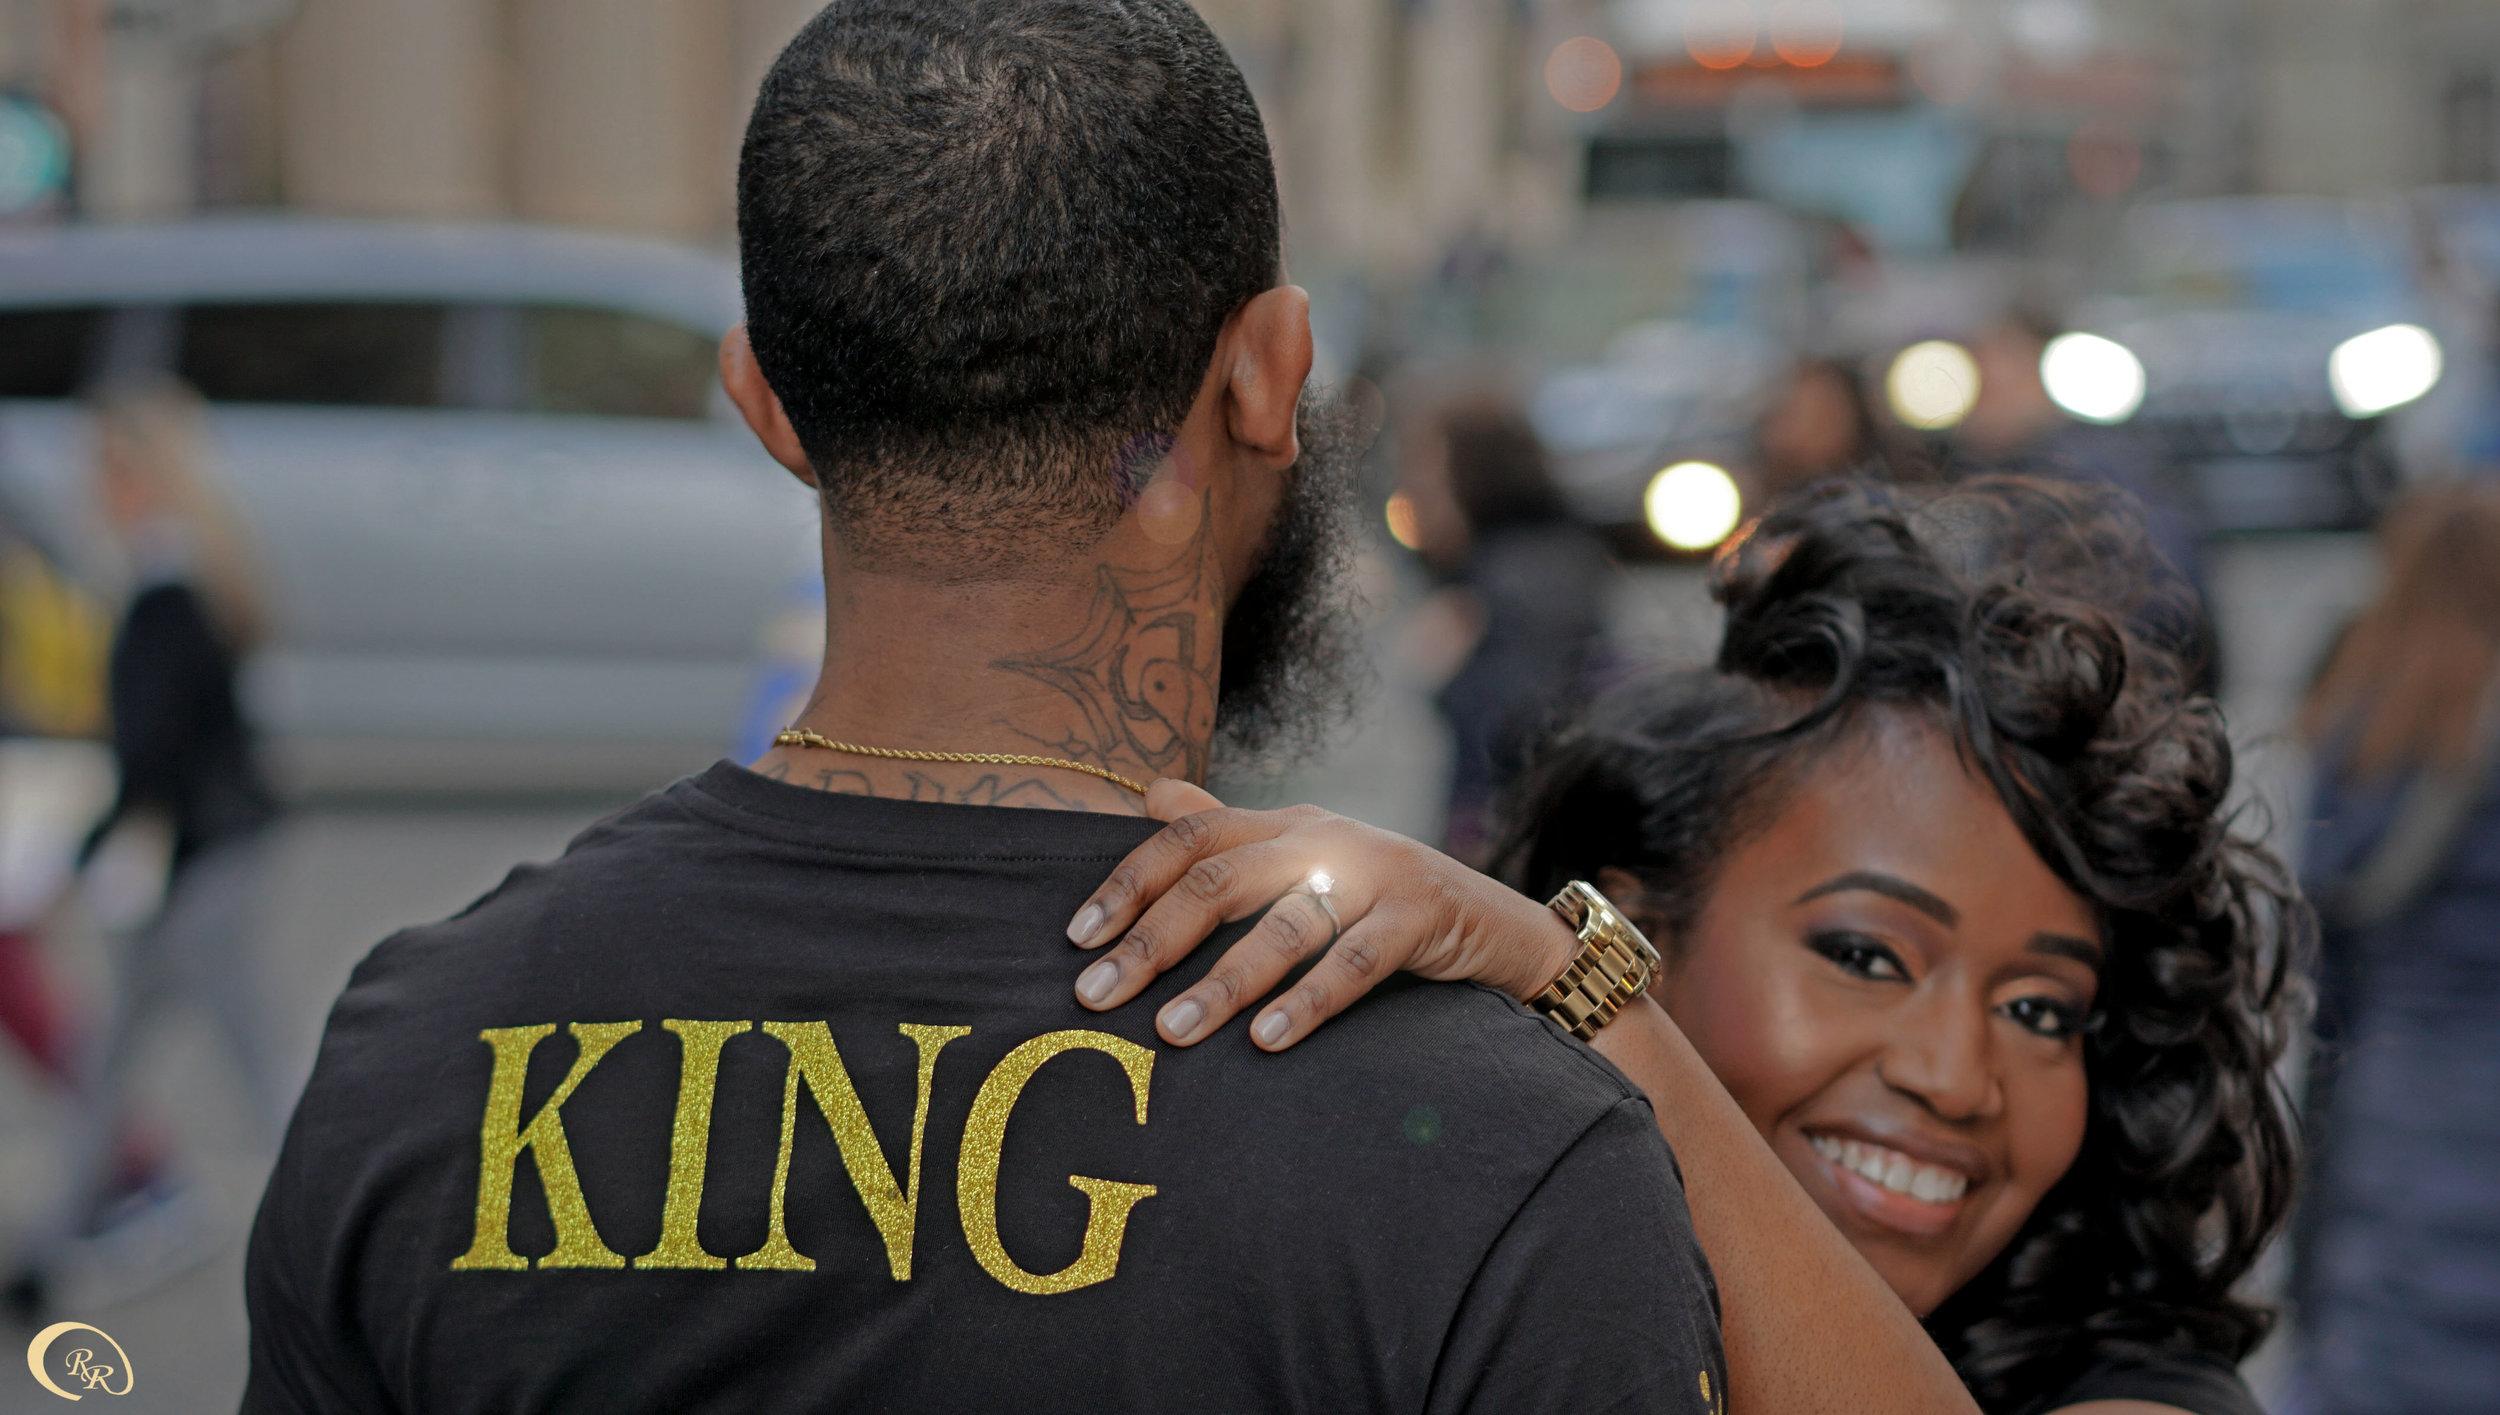 The Kings 6.jpg